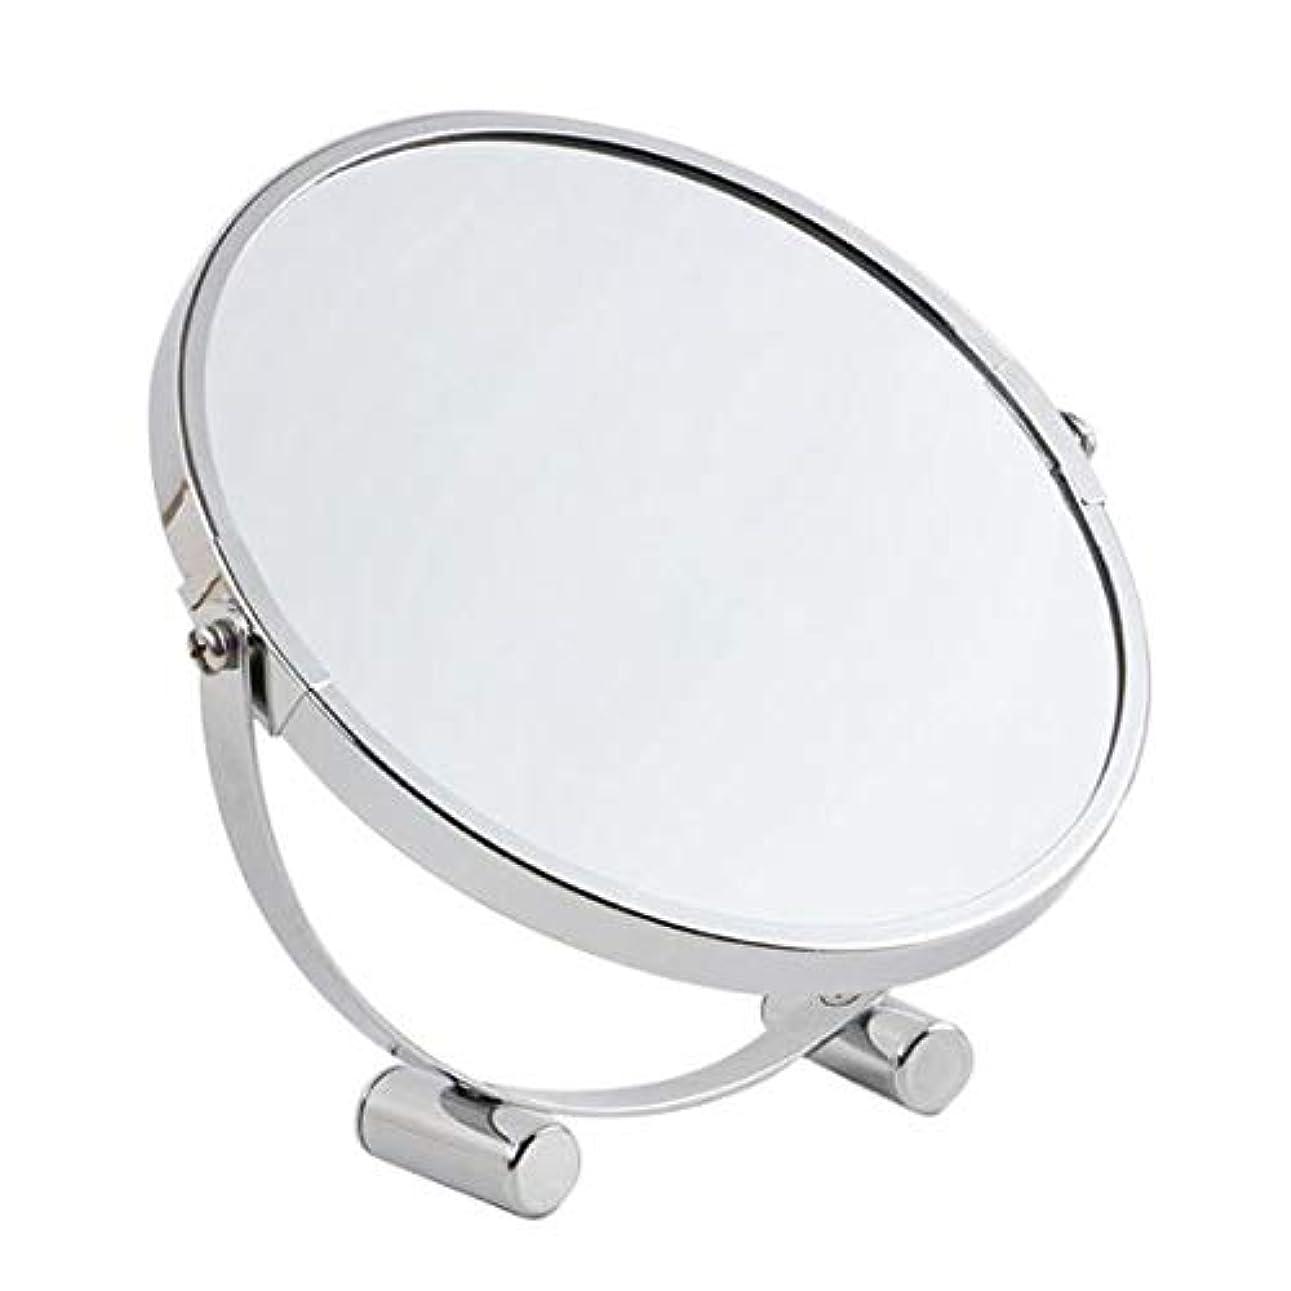 記者スポーツマン美しいTHINKELS-TECH 7インチ化粧鏡両面1X/2X倍率360度回転旅行用ミラー トラベルミラーベース取り外し可能